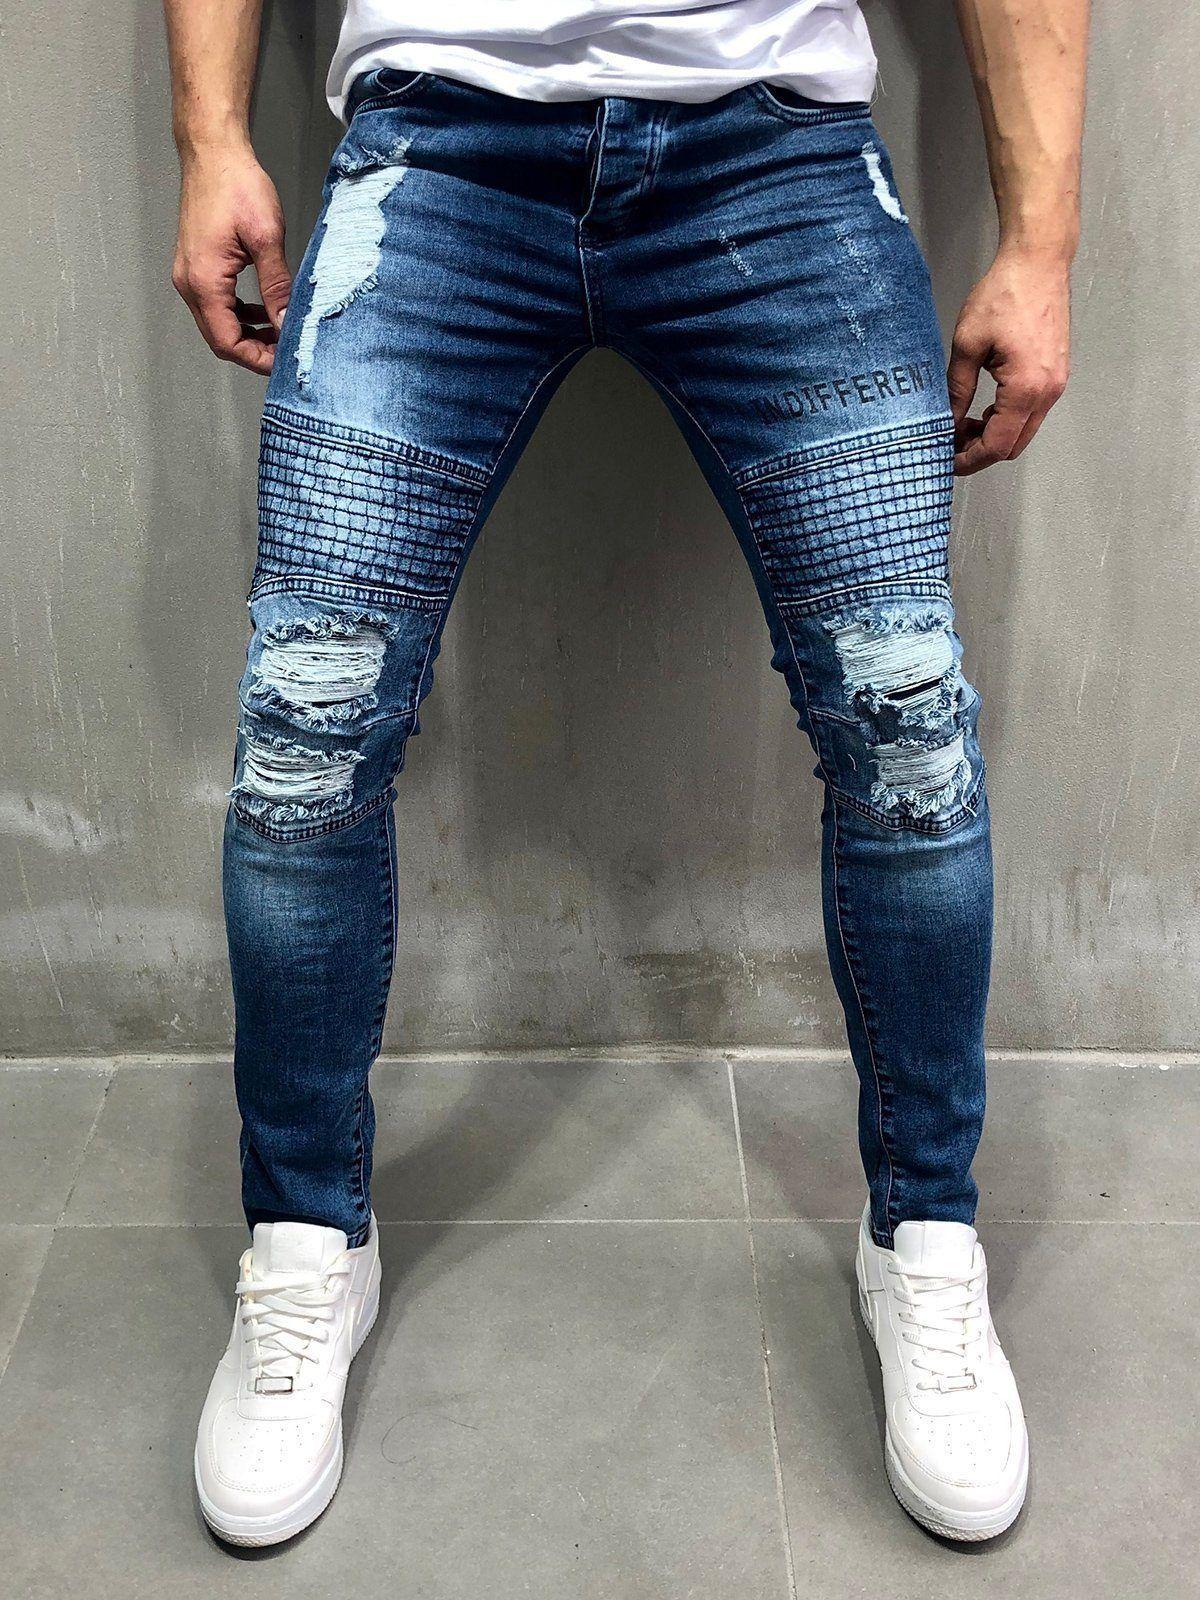 25fedd036ac882 Biker Jeans Random Ripped - Blue in 2019 | Style | Streetwear jeans ...